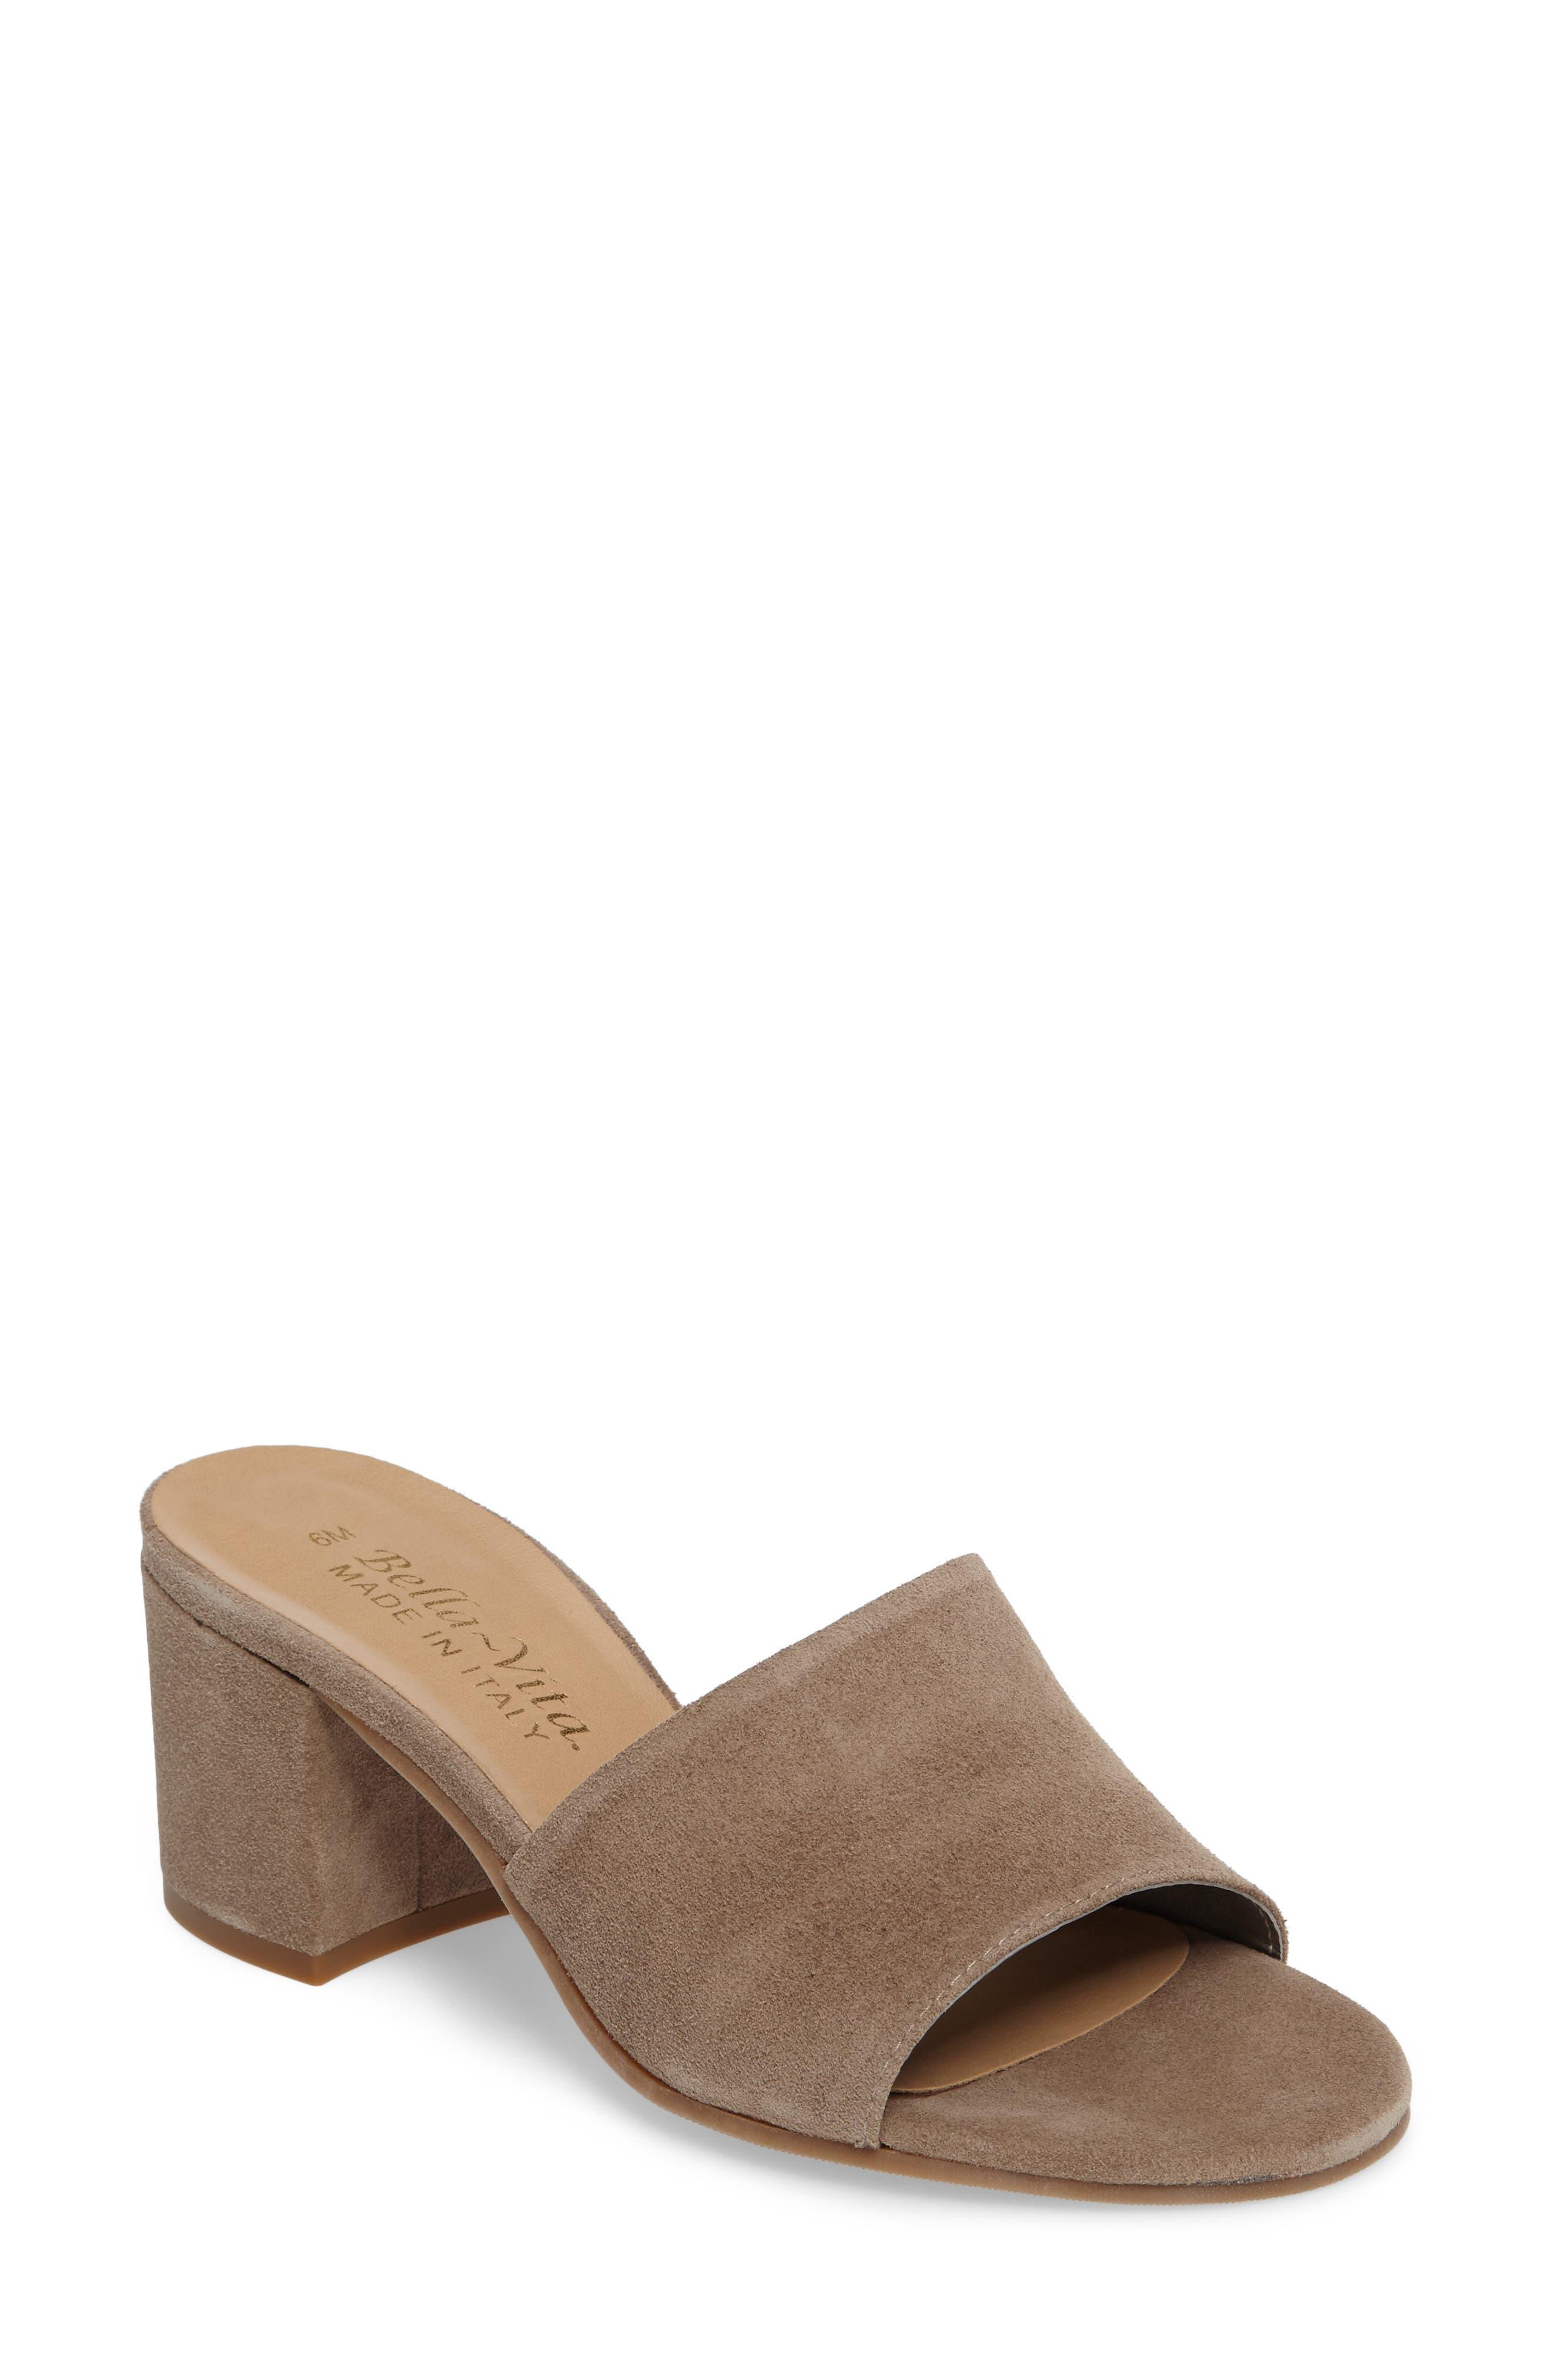 Mel Slide Sandal,                         Main,                         color, Taupe Suede